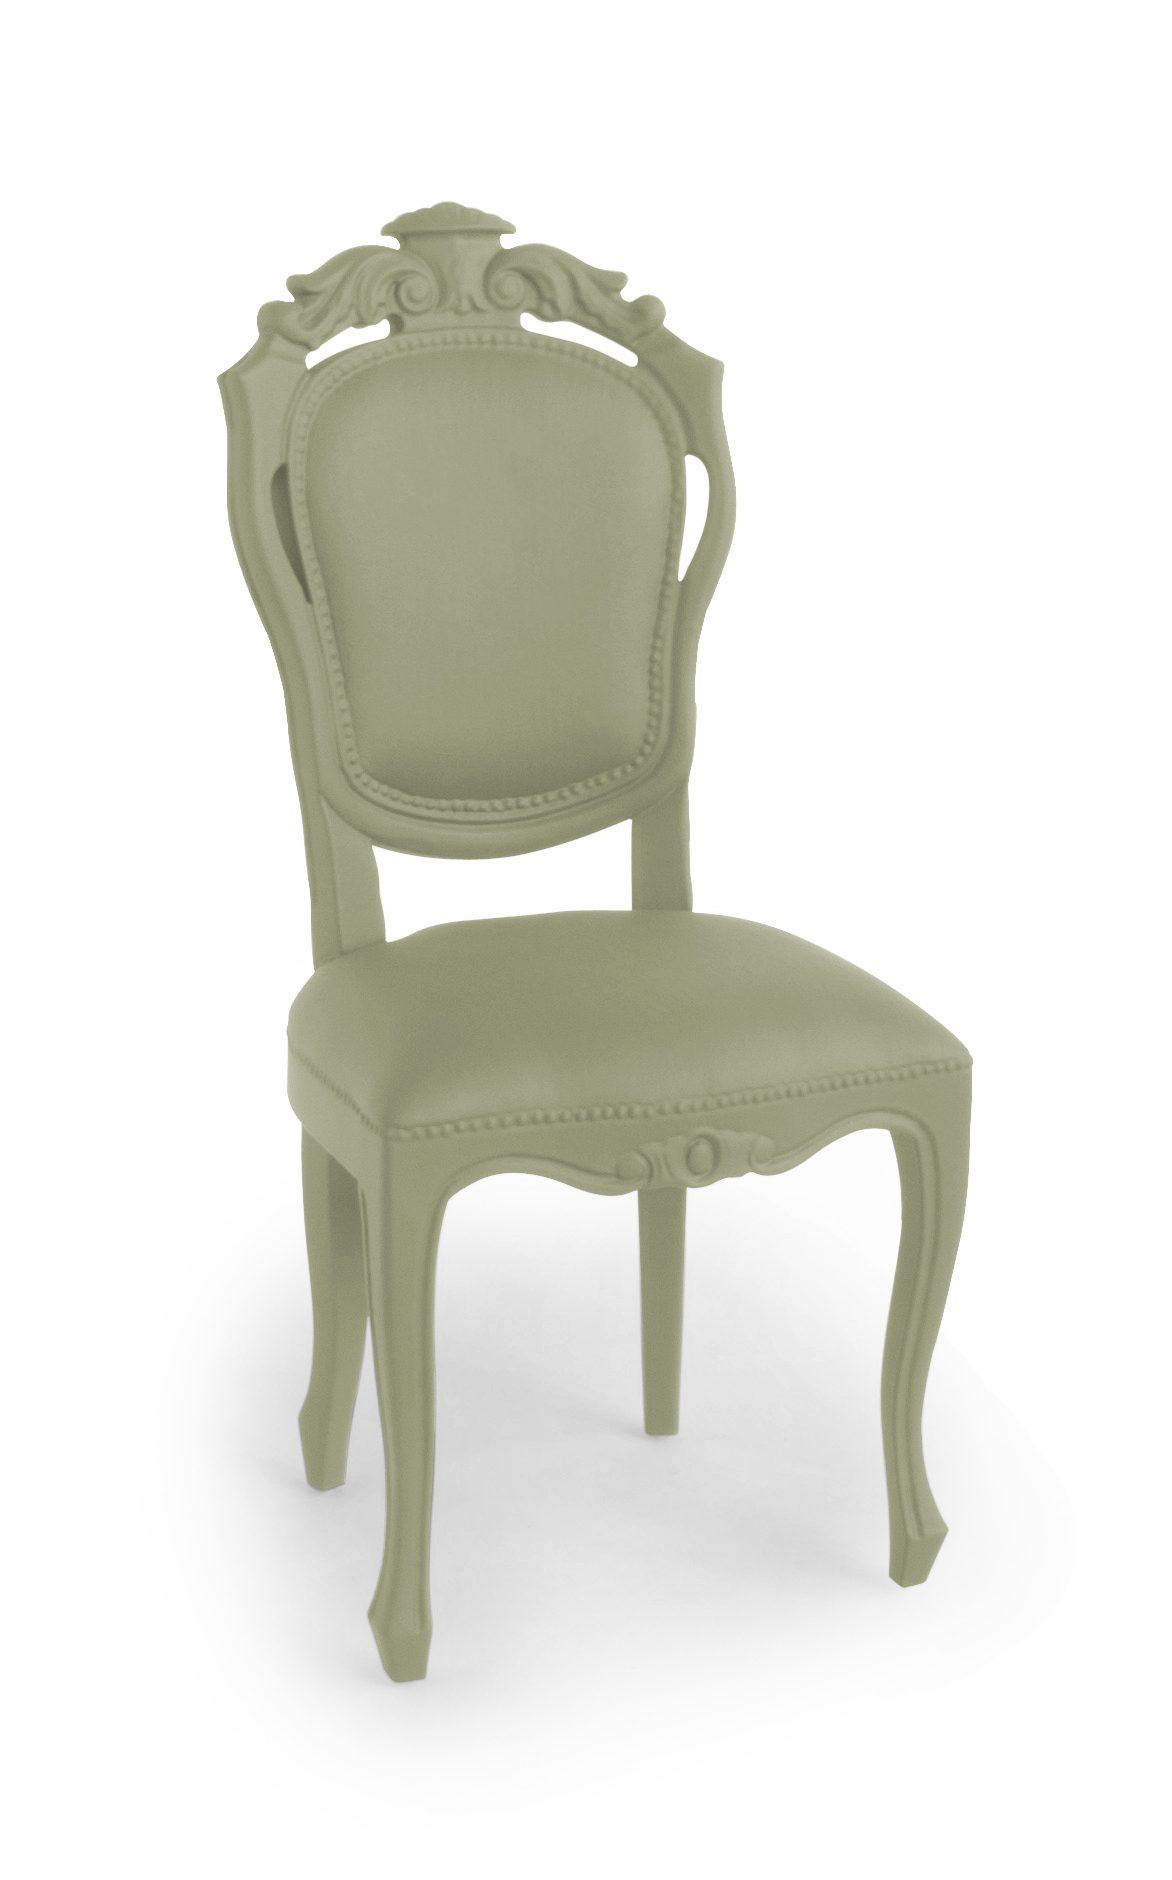 JSPR Plastic Fantastic Dining Chair Moss Exclusieve Eettafelstoel Mosgroen Rubber